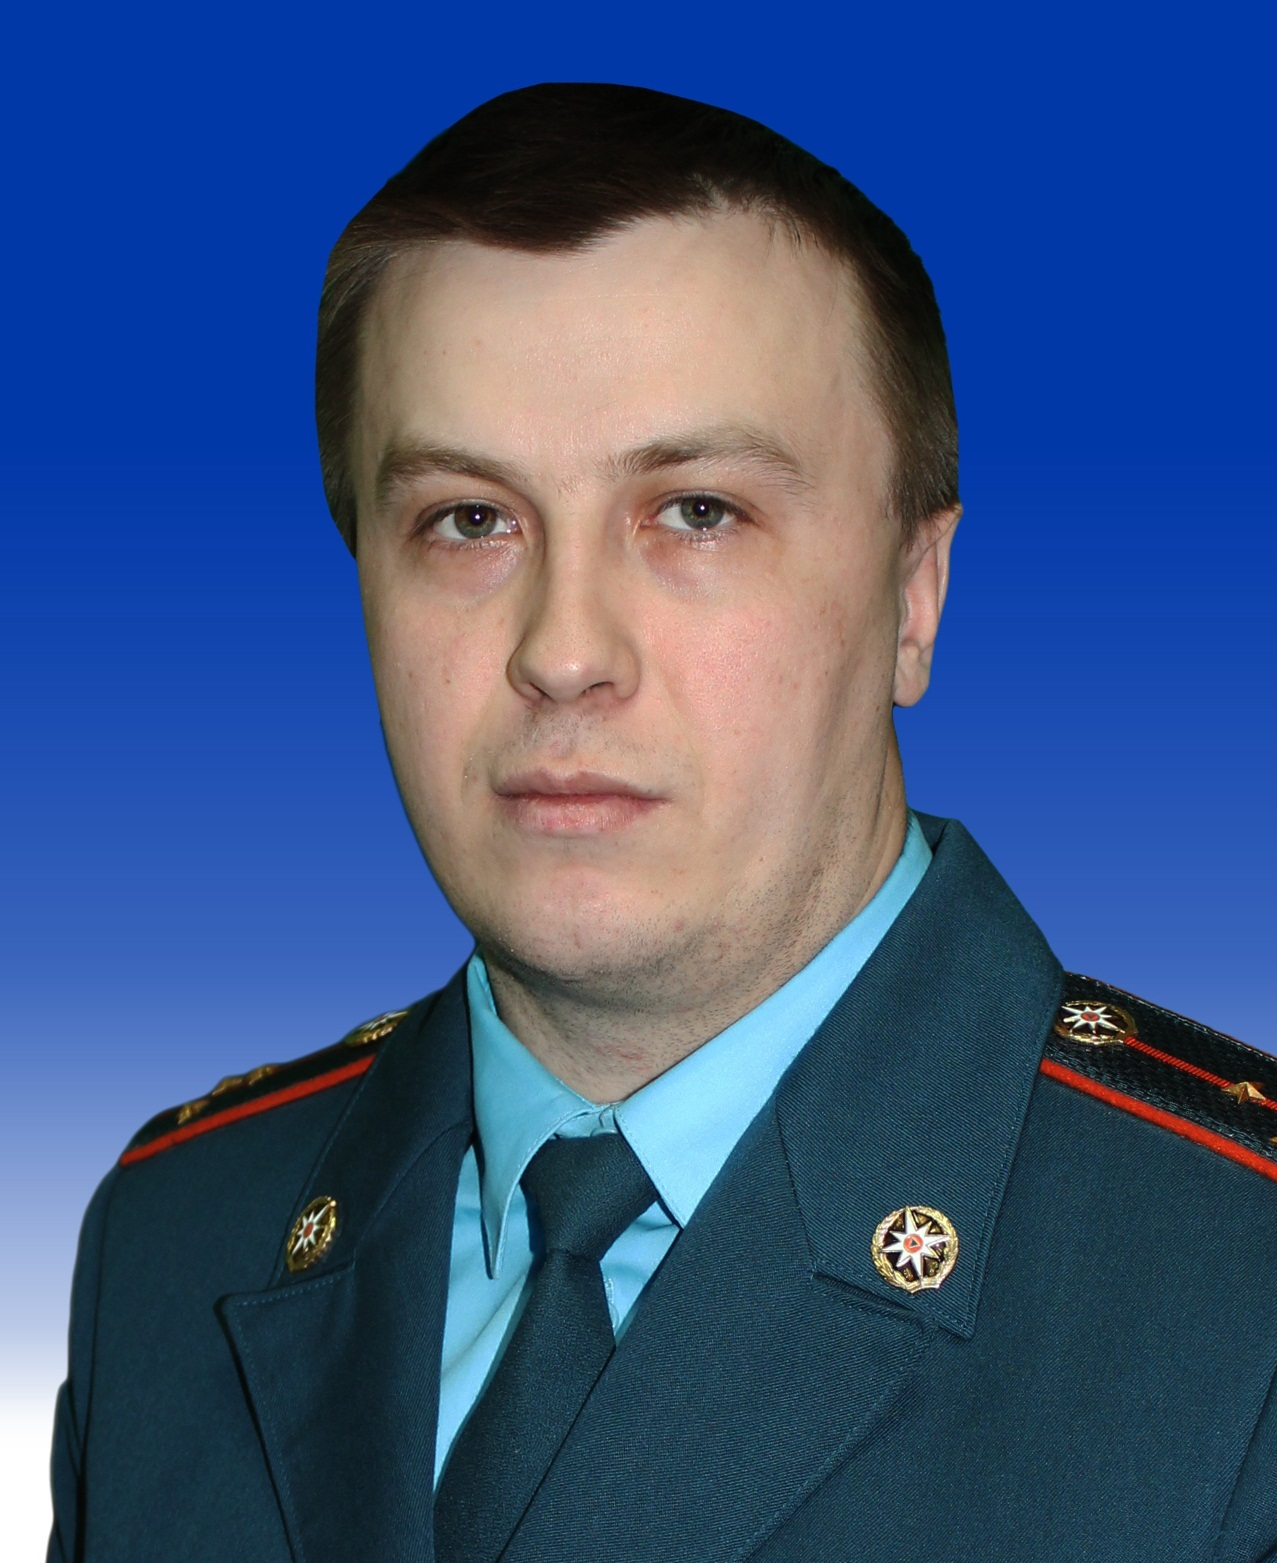 Егор Пахомов, начальник пресс-службы Главного управления МЧС России по Челябинской области